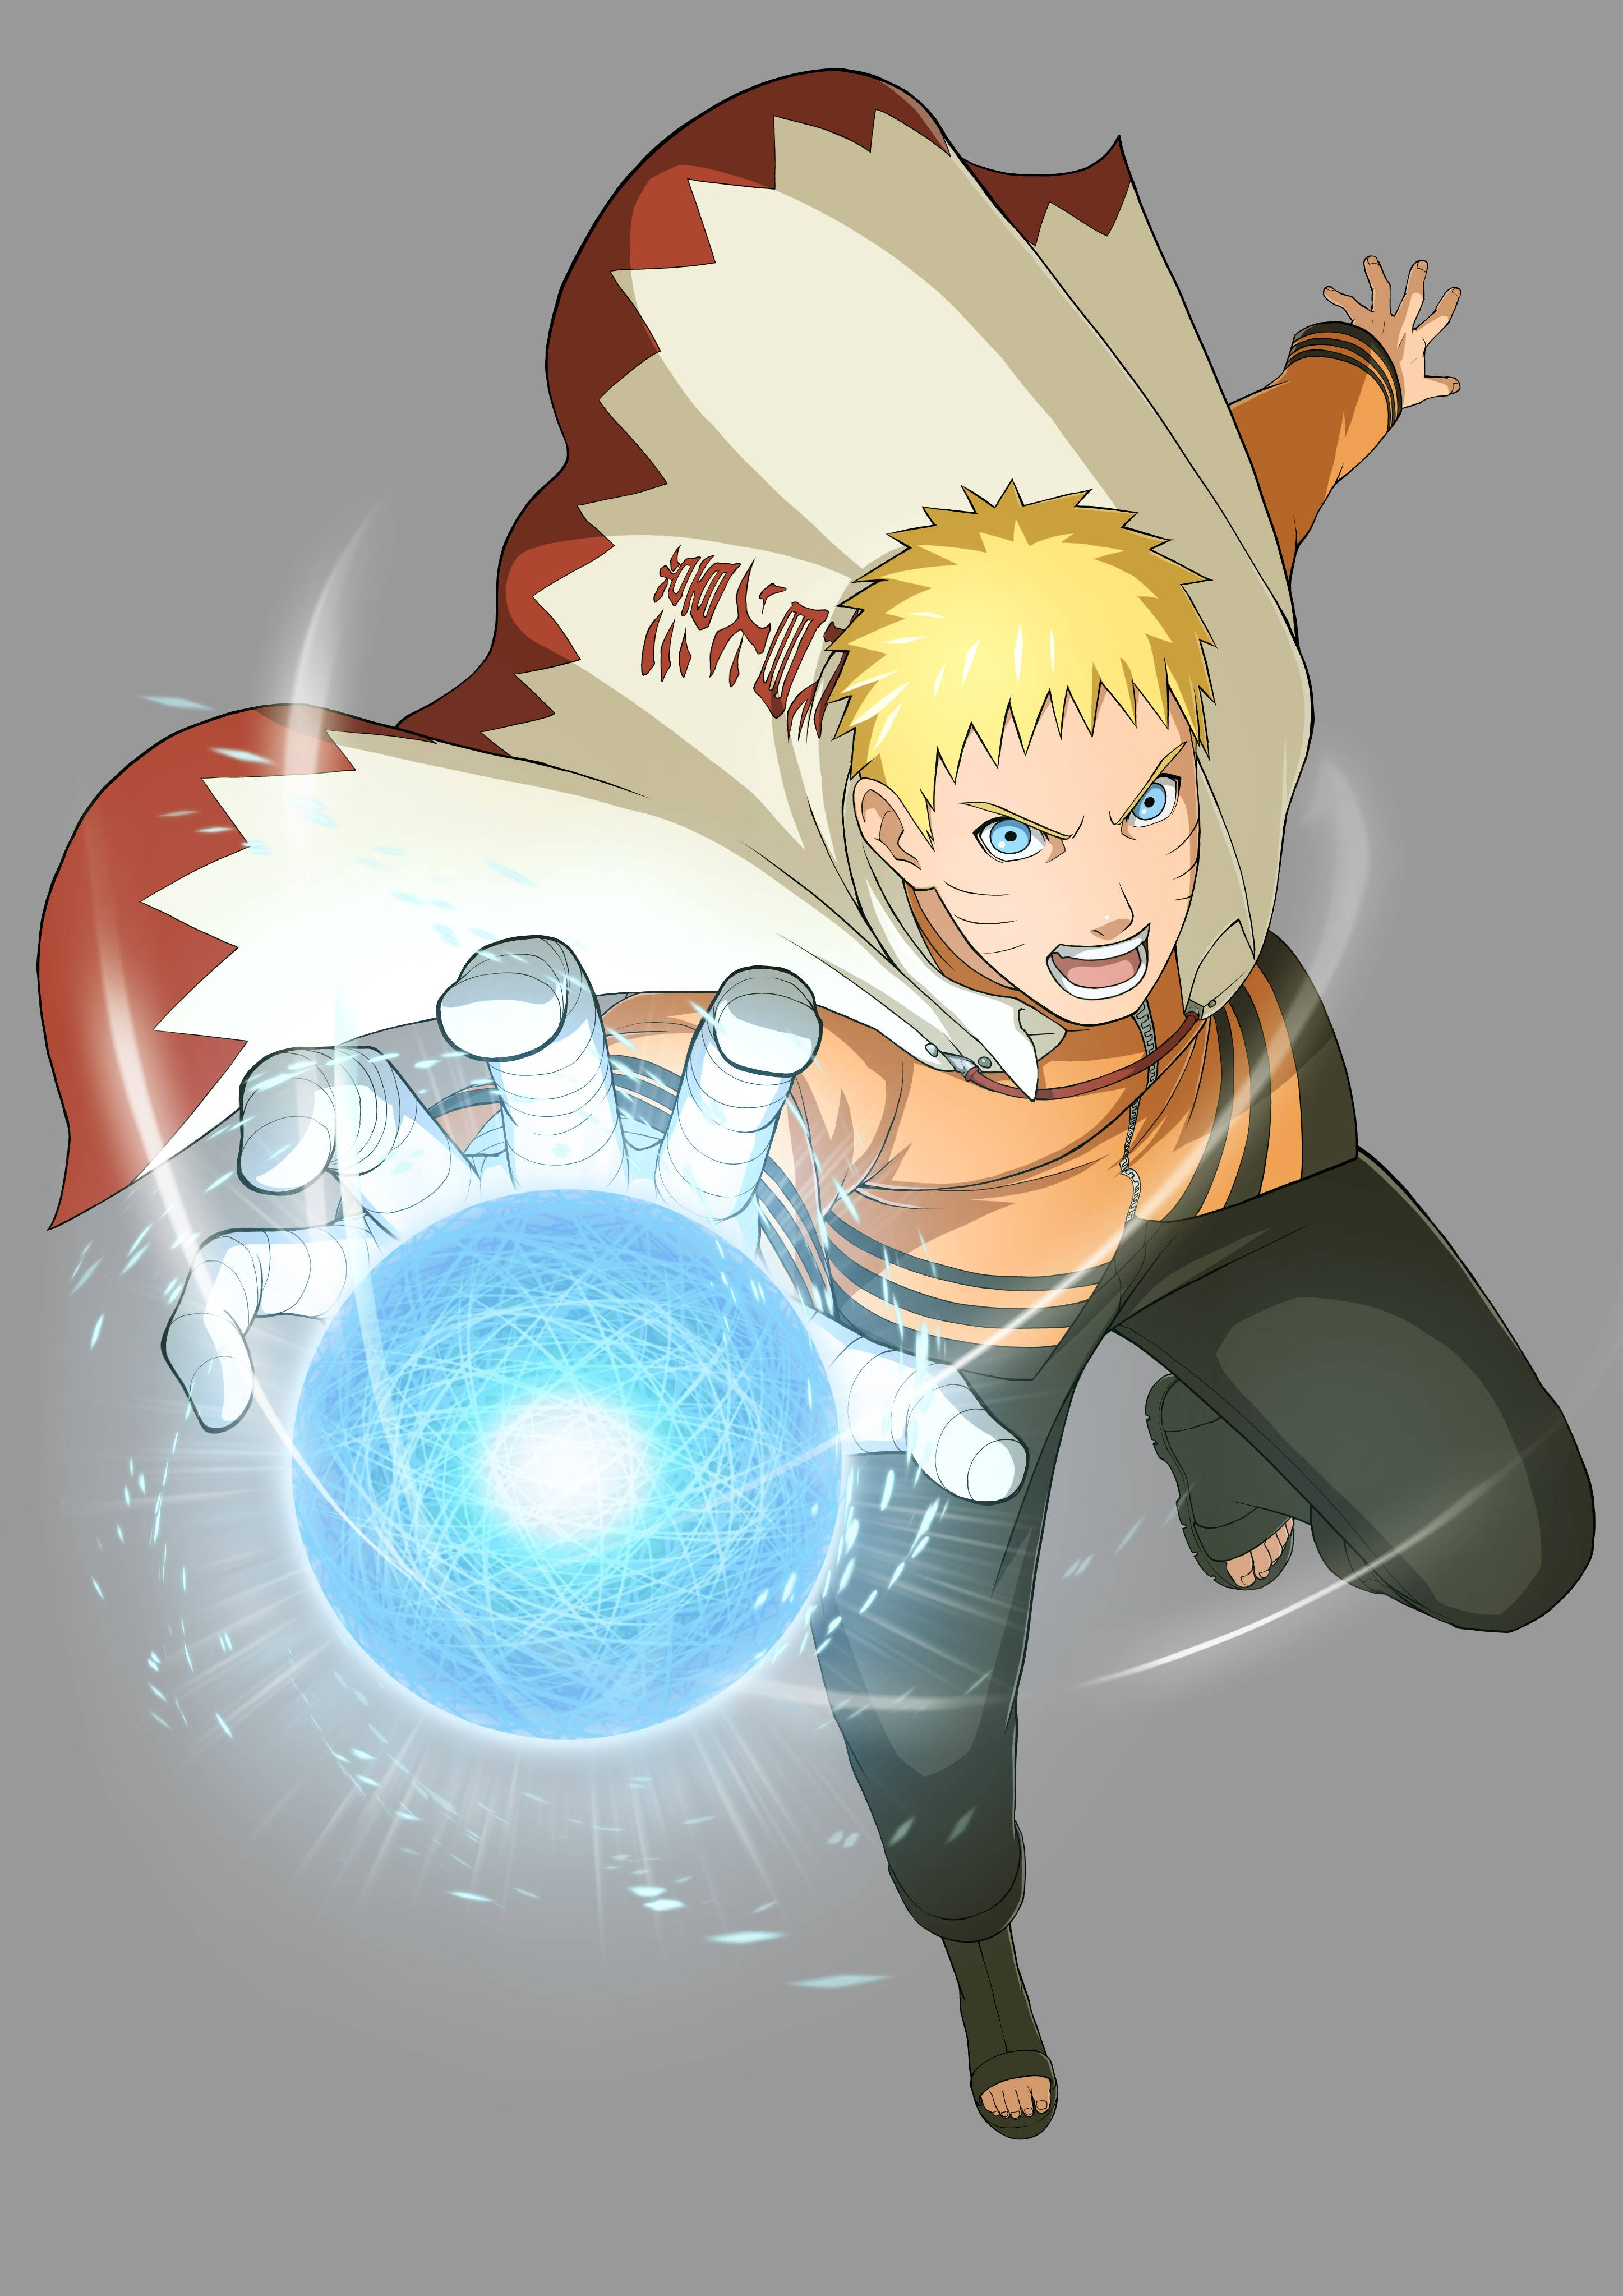 Naruto 7th Hokage Wallpaper Posted By Samantha Simpson